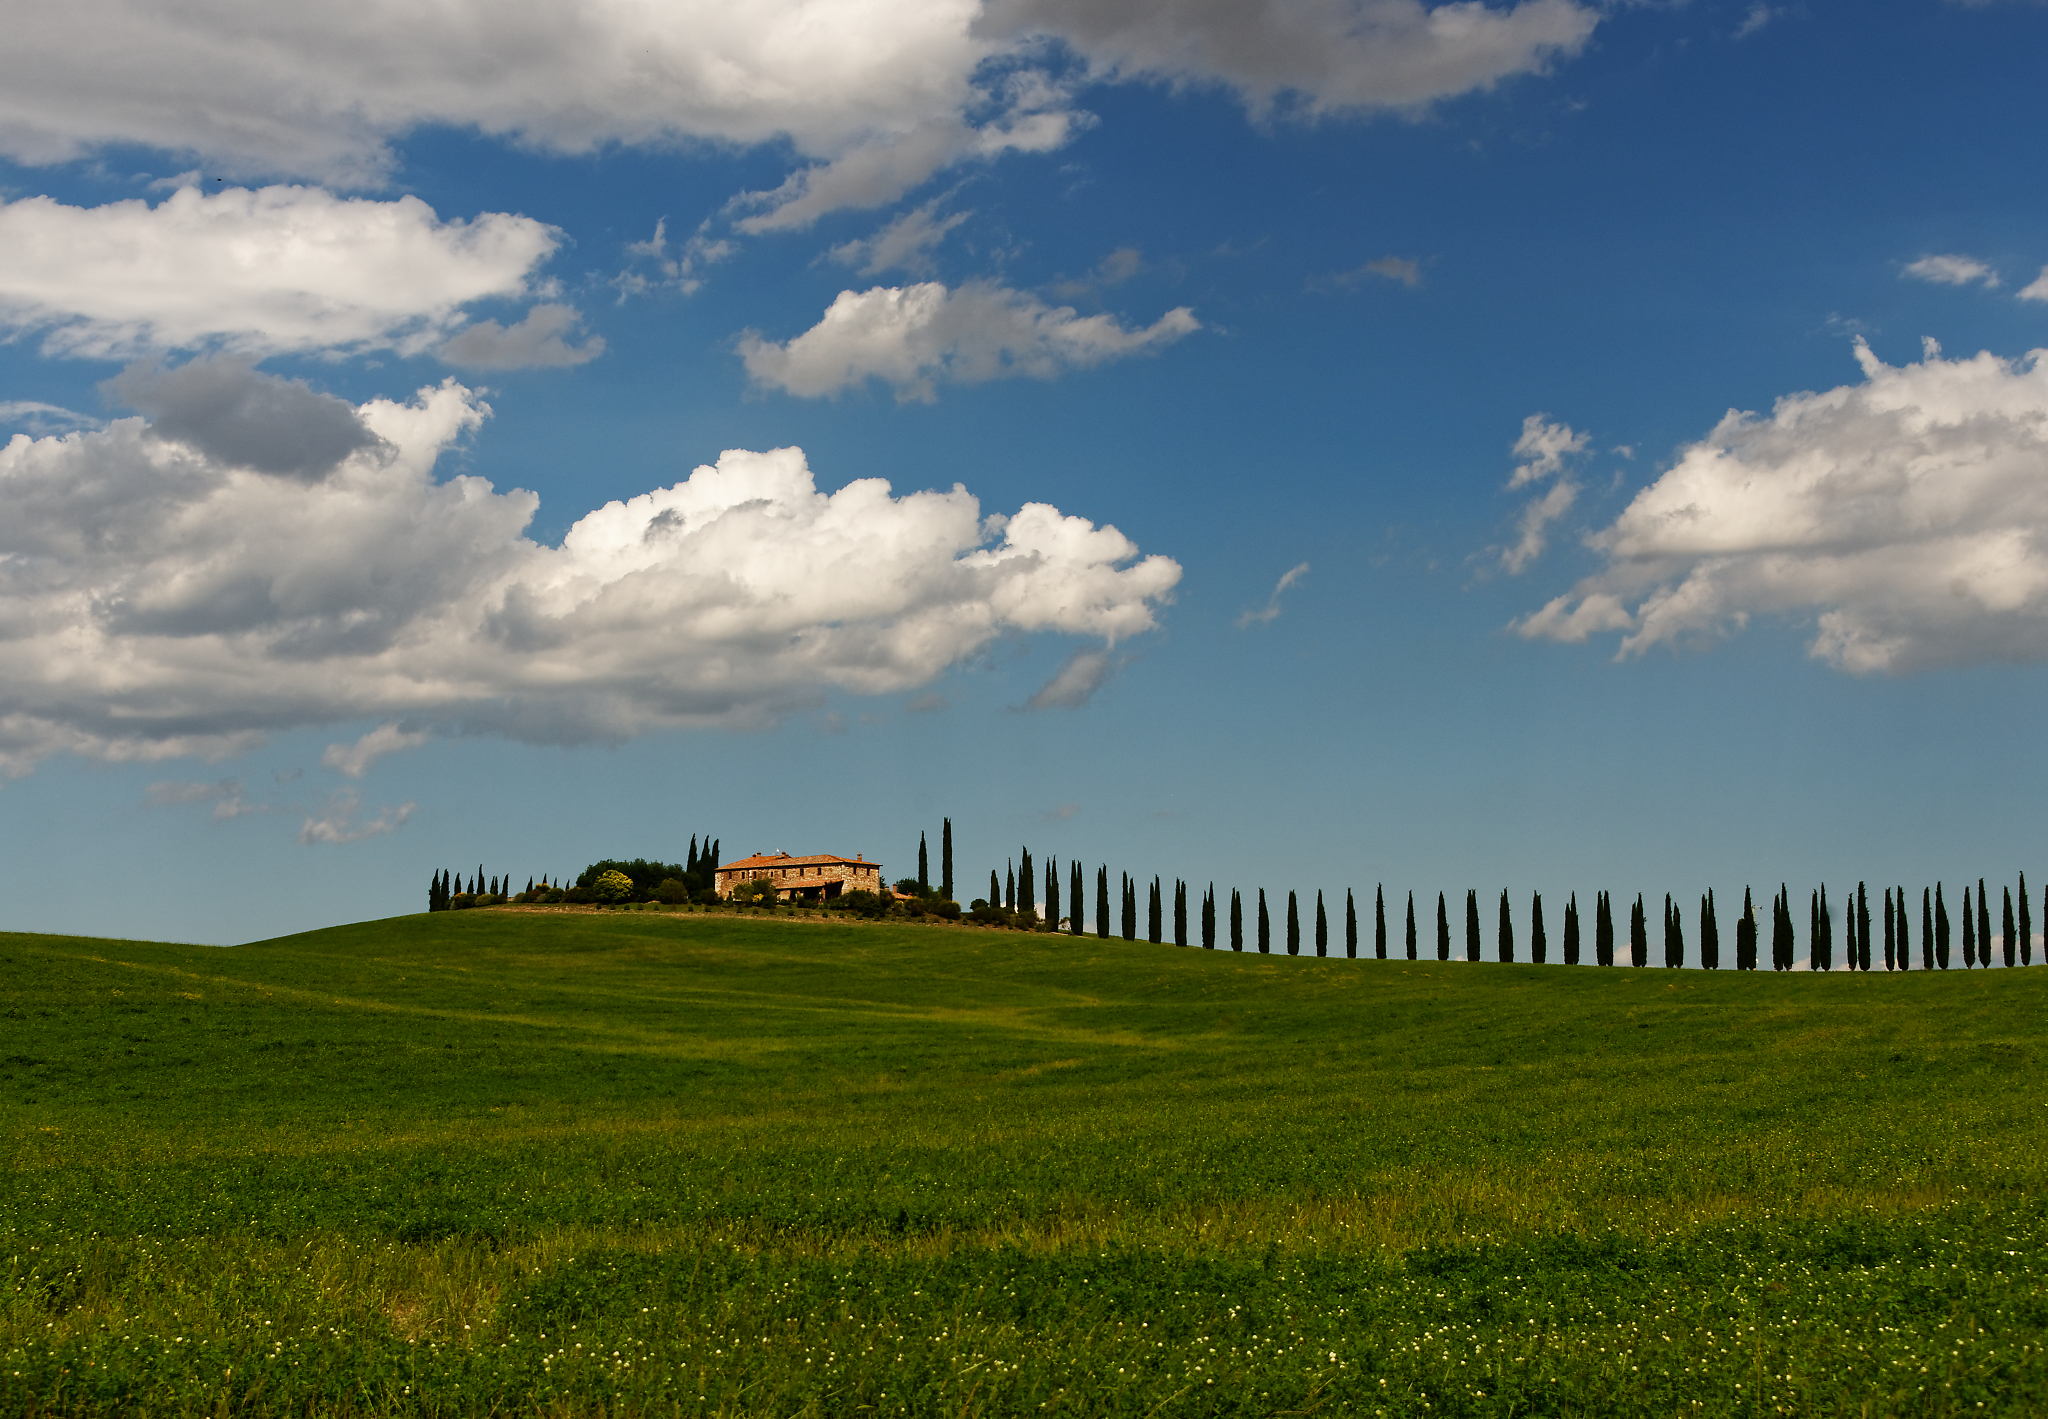 Poggio Covili, Italy